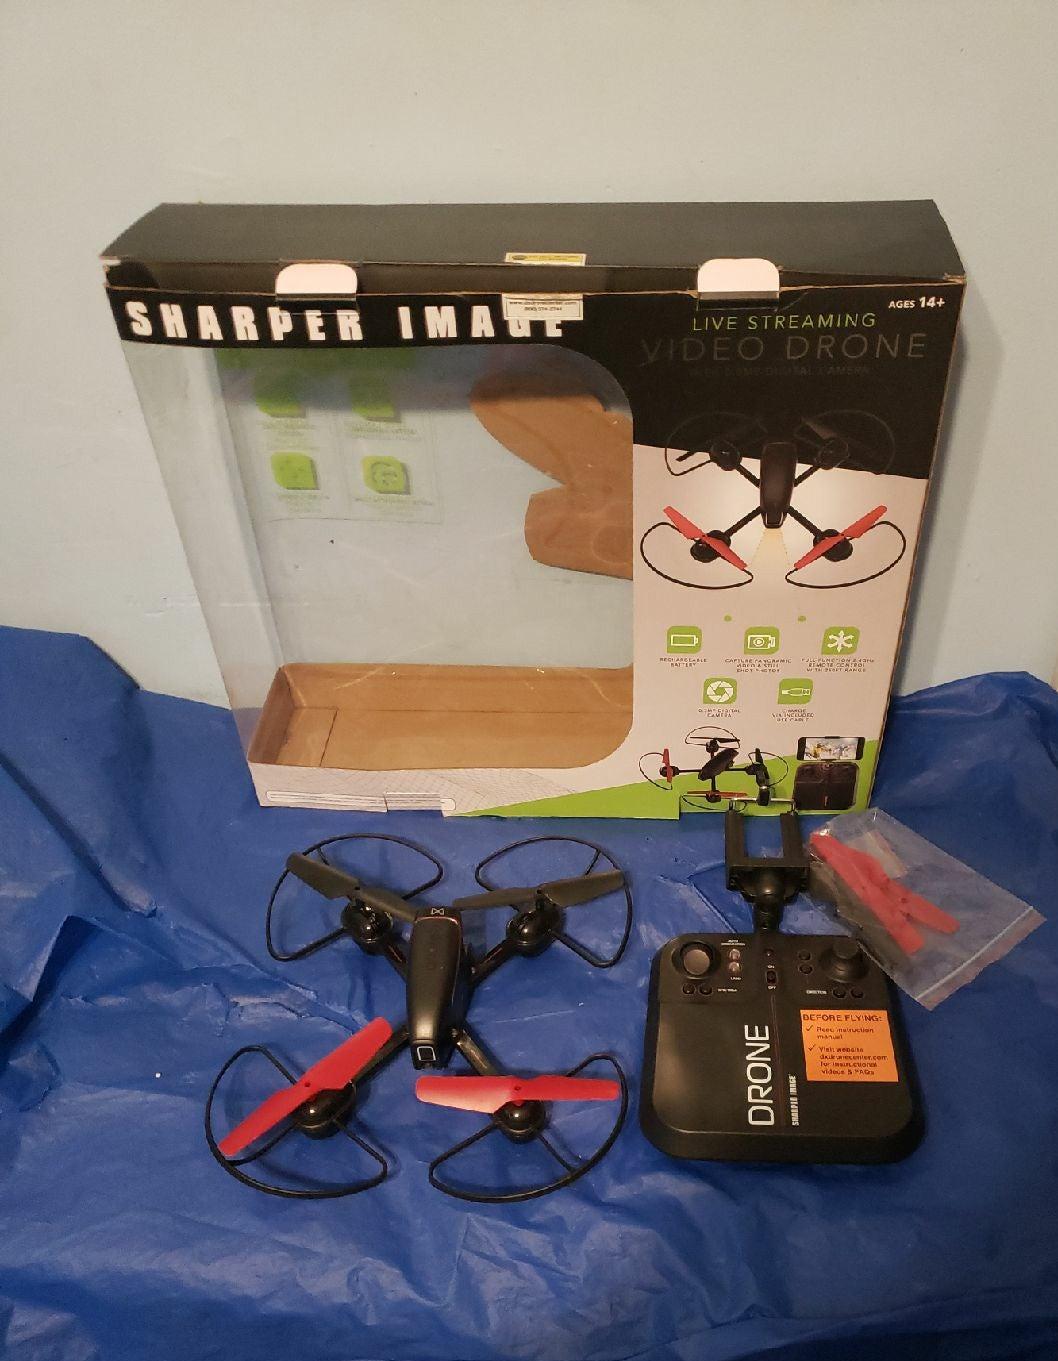 Sharper Image Video Drone